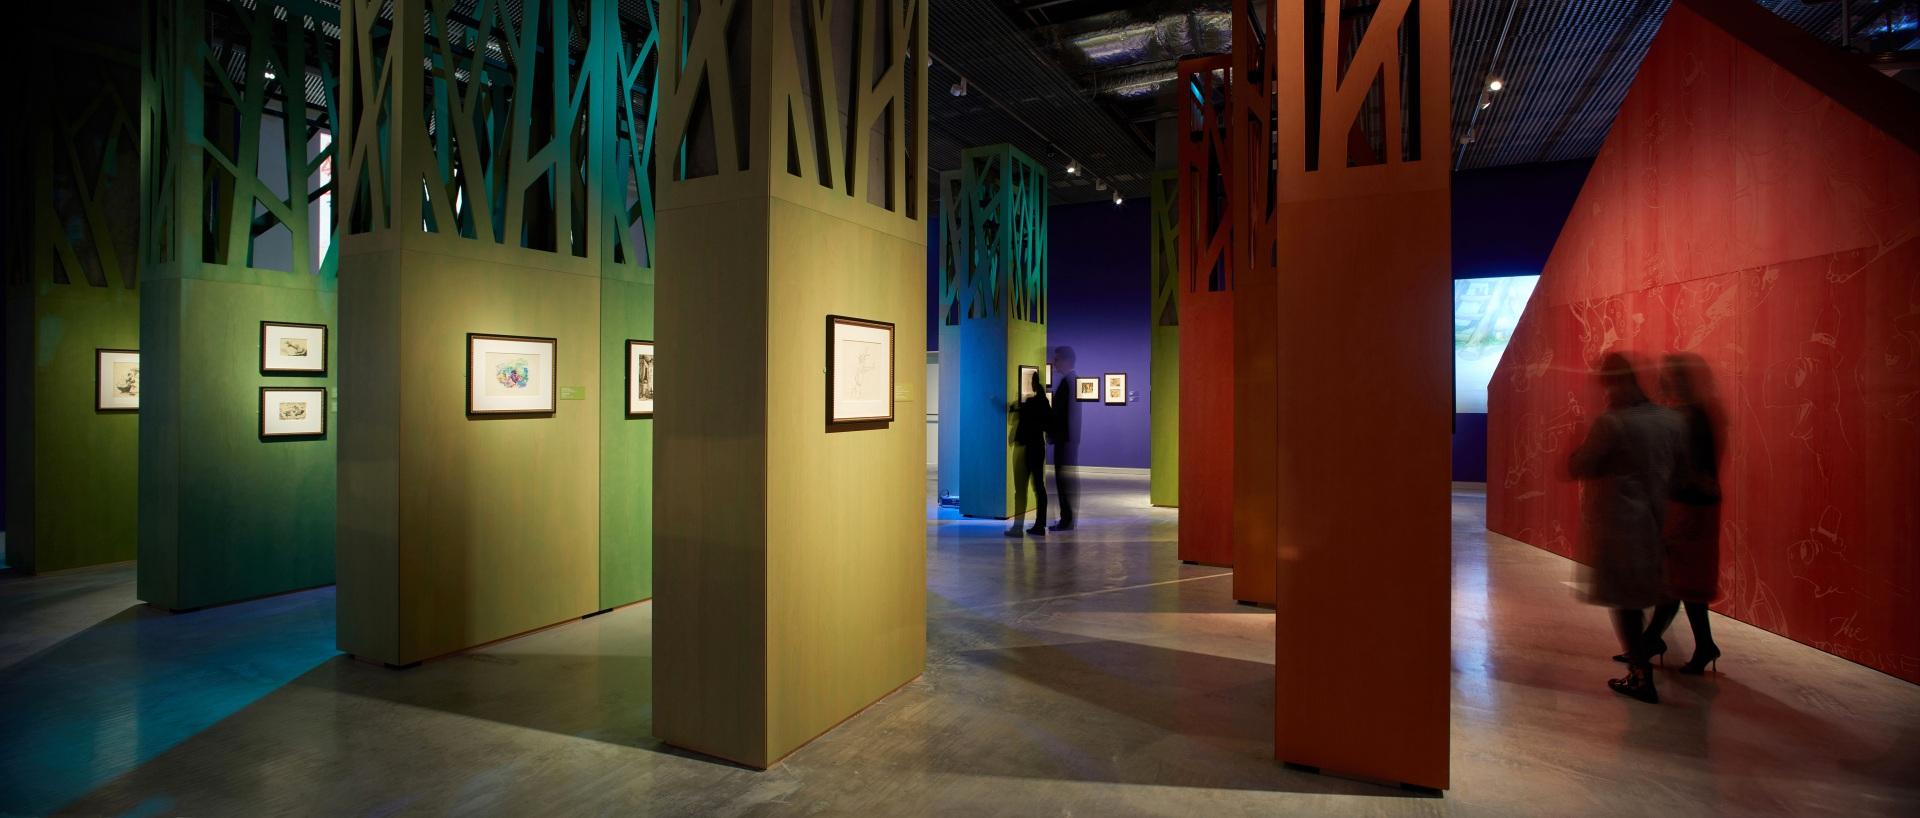 Exposición sobre Walt Disney. Cabaña roja de Los tres cerditos. Bosque de colores.